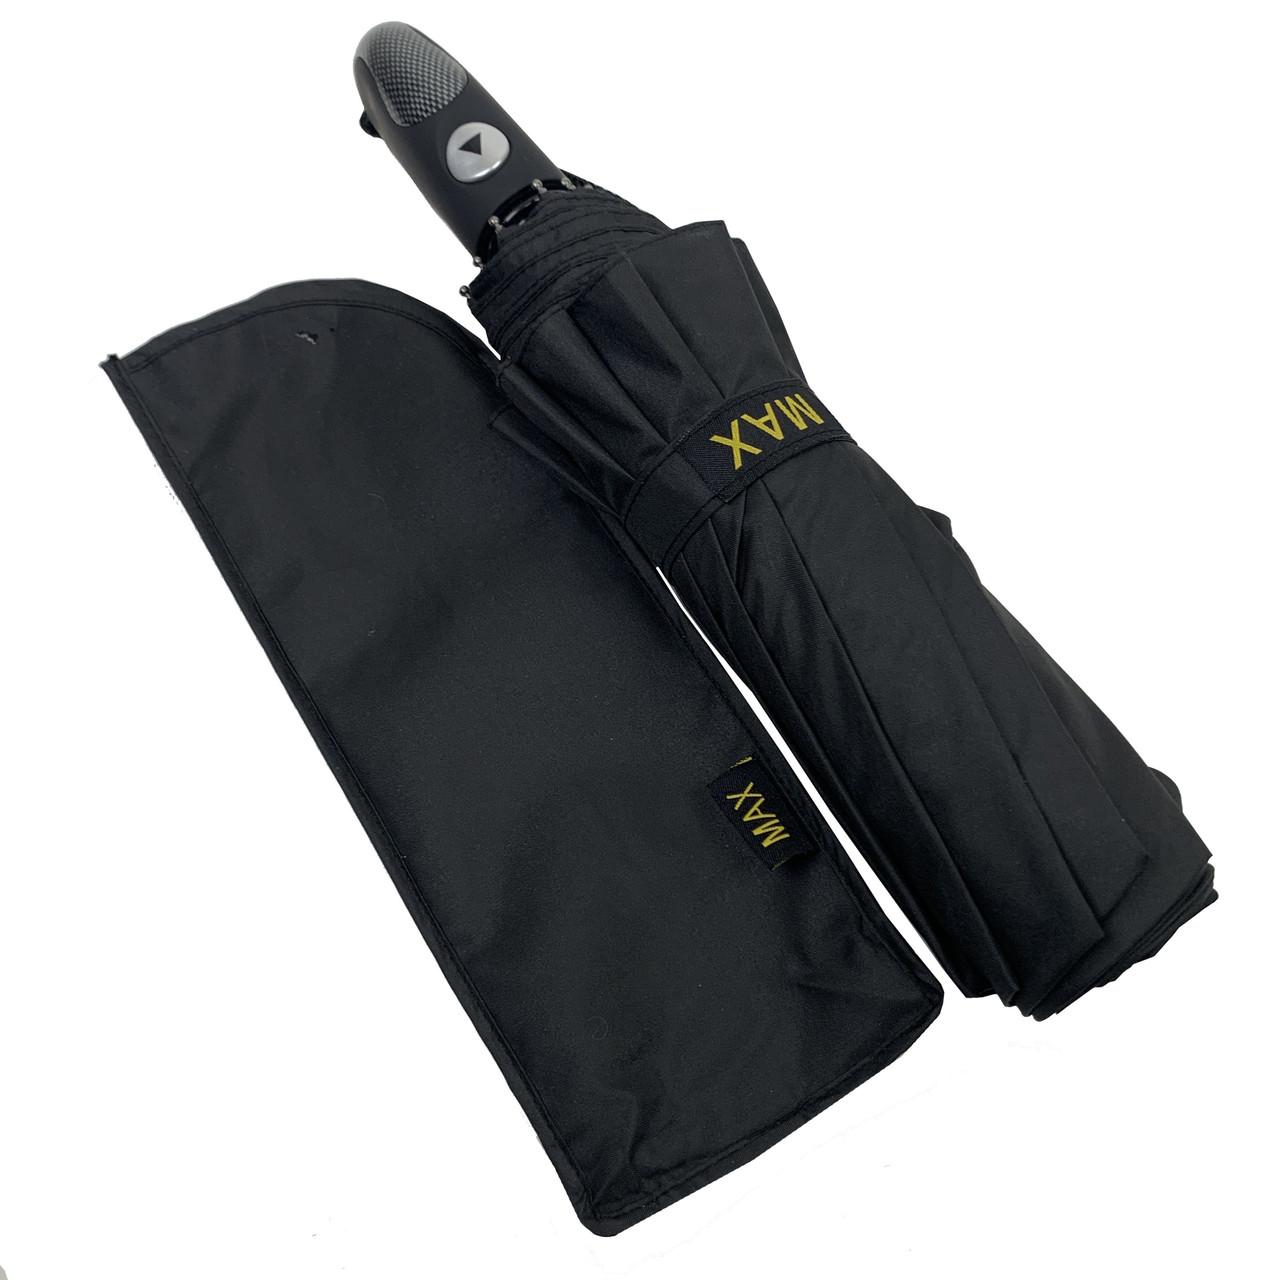 """Мужской складной зонт-полуавтомат на 10 спиц с системой """"антиветер"""" от Max, черный, 261"""